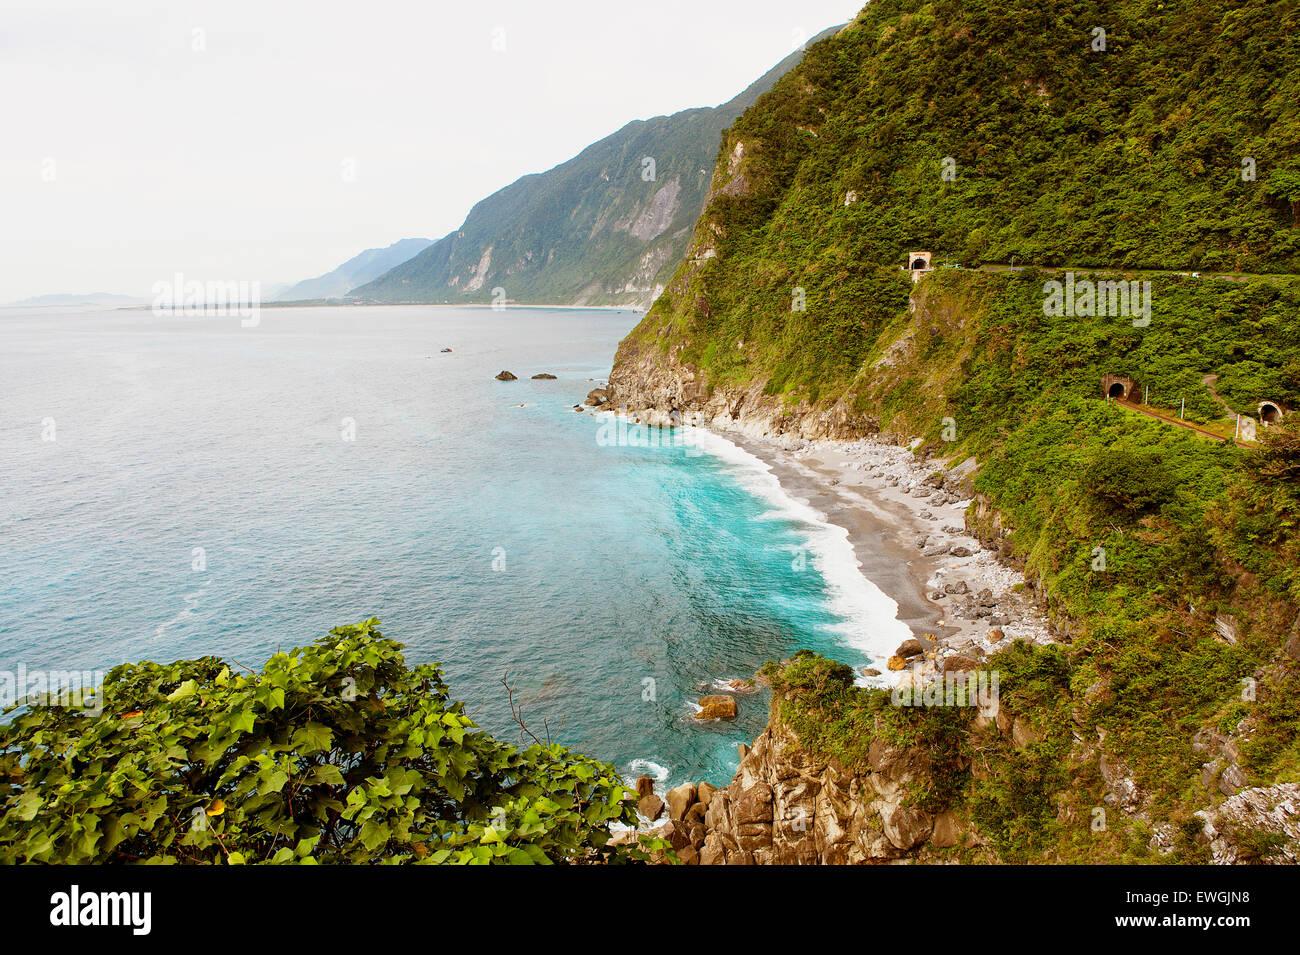 Una vista de la costa a lo largo de su-hua a la autopista, cerca de Taroko GorgeTaiwan Huide Trail Imagen De Stock